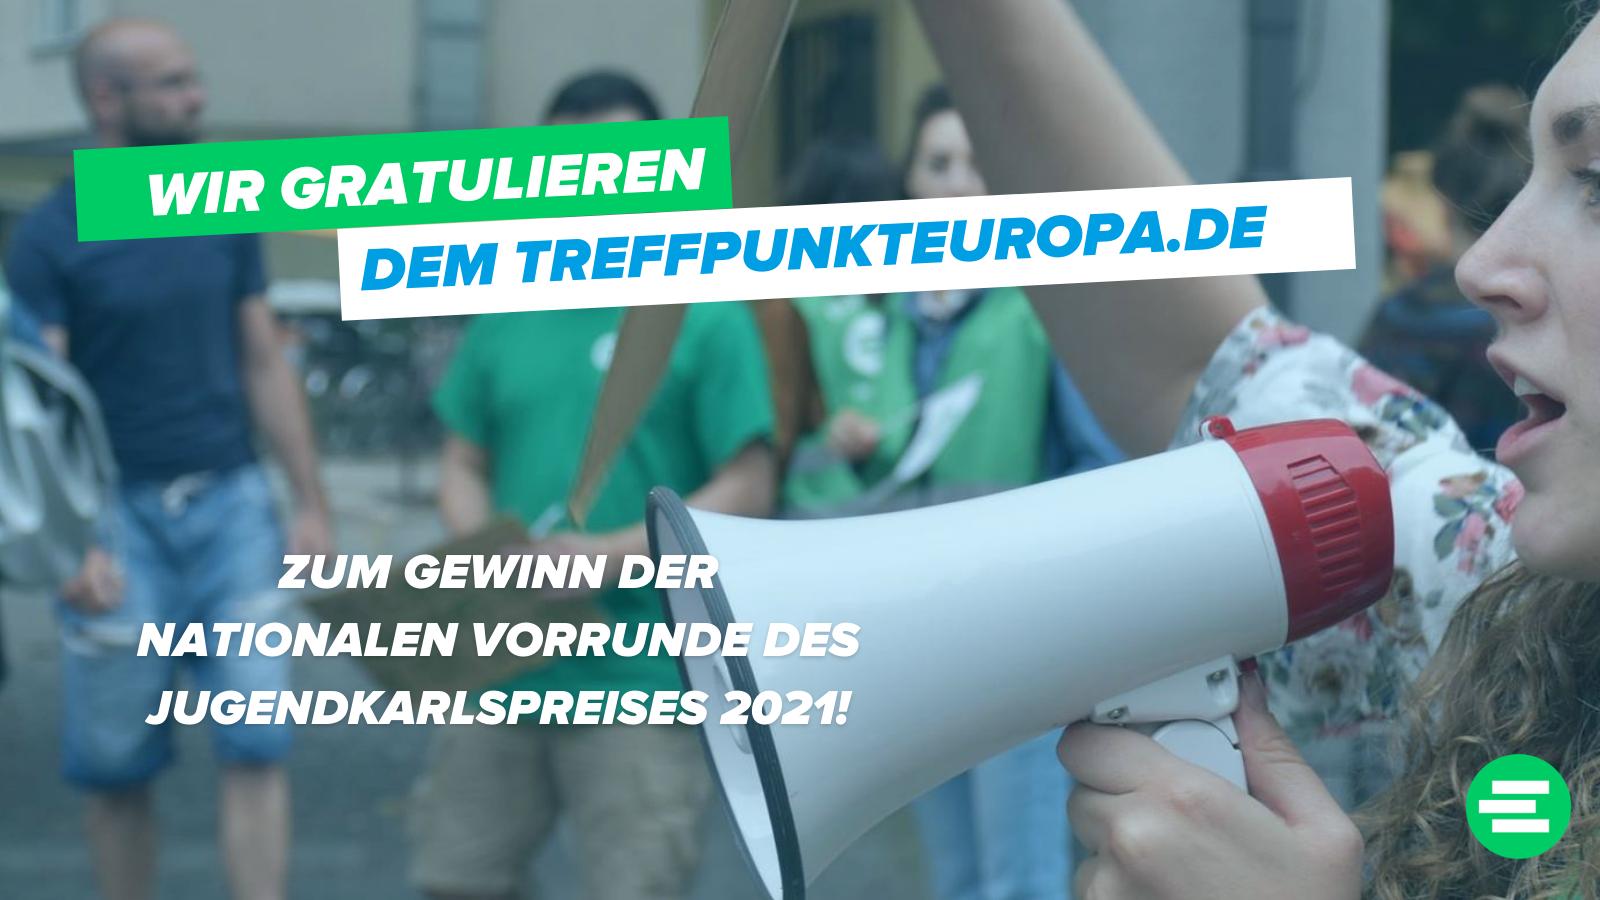 Europäischer Jugendkarlspreis 2021: Der treffpunkteuropa.de geht für Deutschland ins Rennen